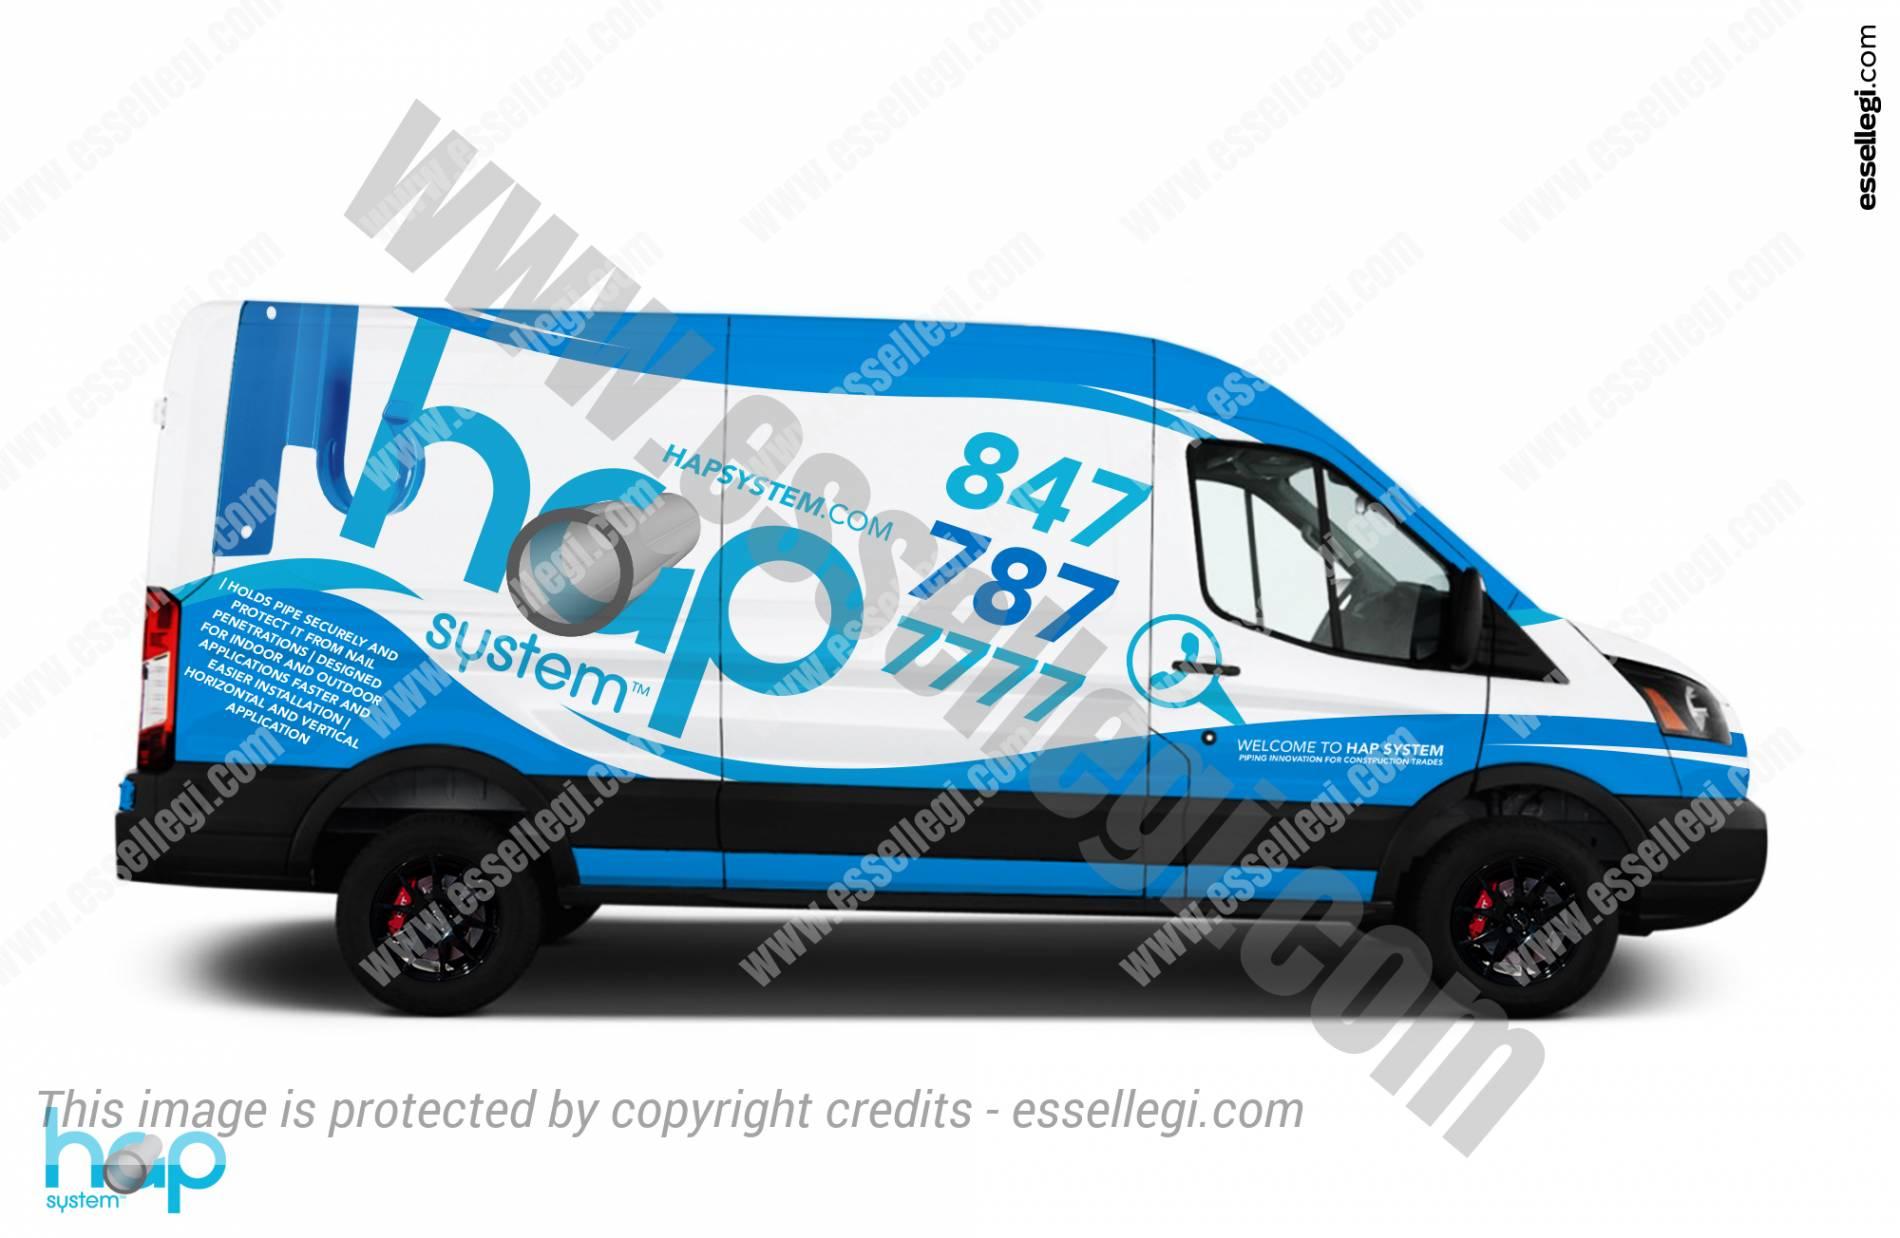 Ford Transit 350   Van Wrap Design by Essellegi. Van Signs, Van Signage, Van Wrapping, Van Signwriting, Van Wrap Designer, Signs for Van, Van Logo, Van Graphic by Essellegi.